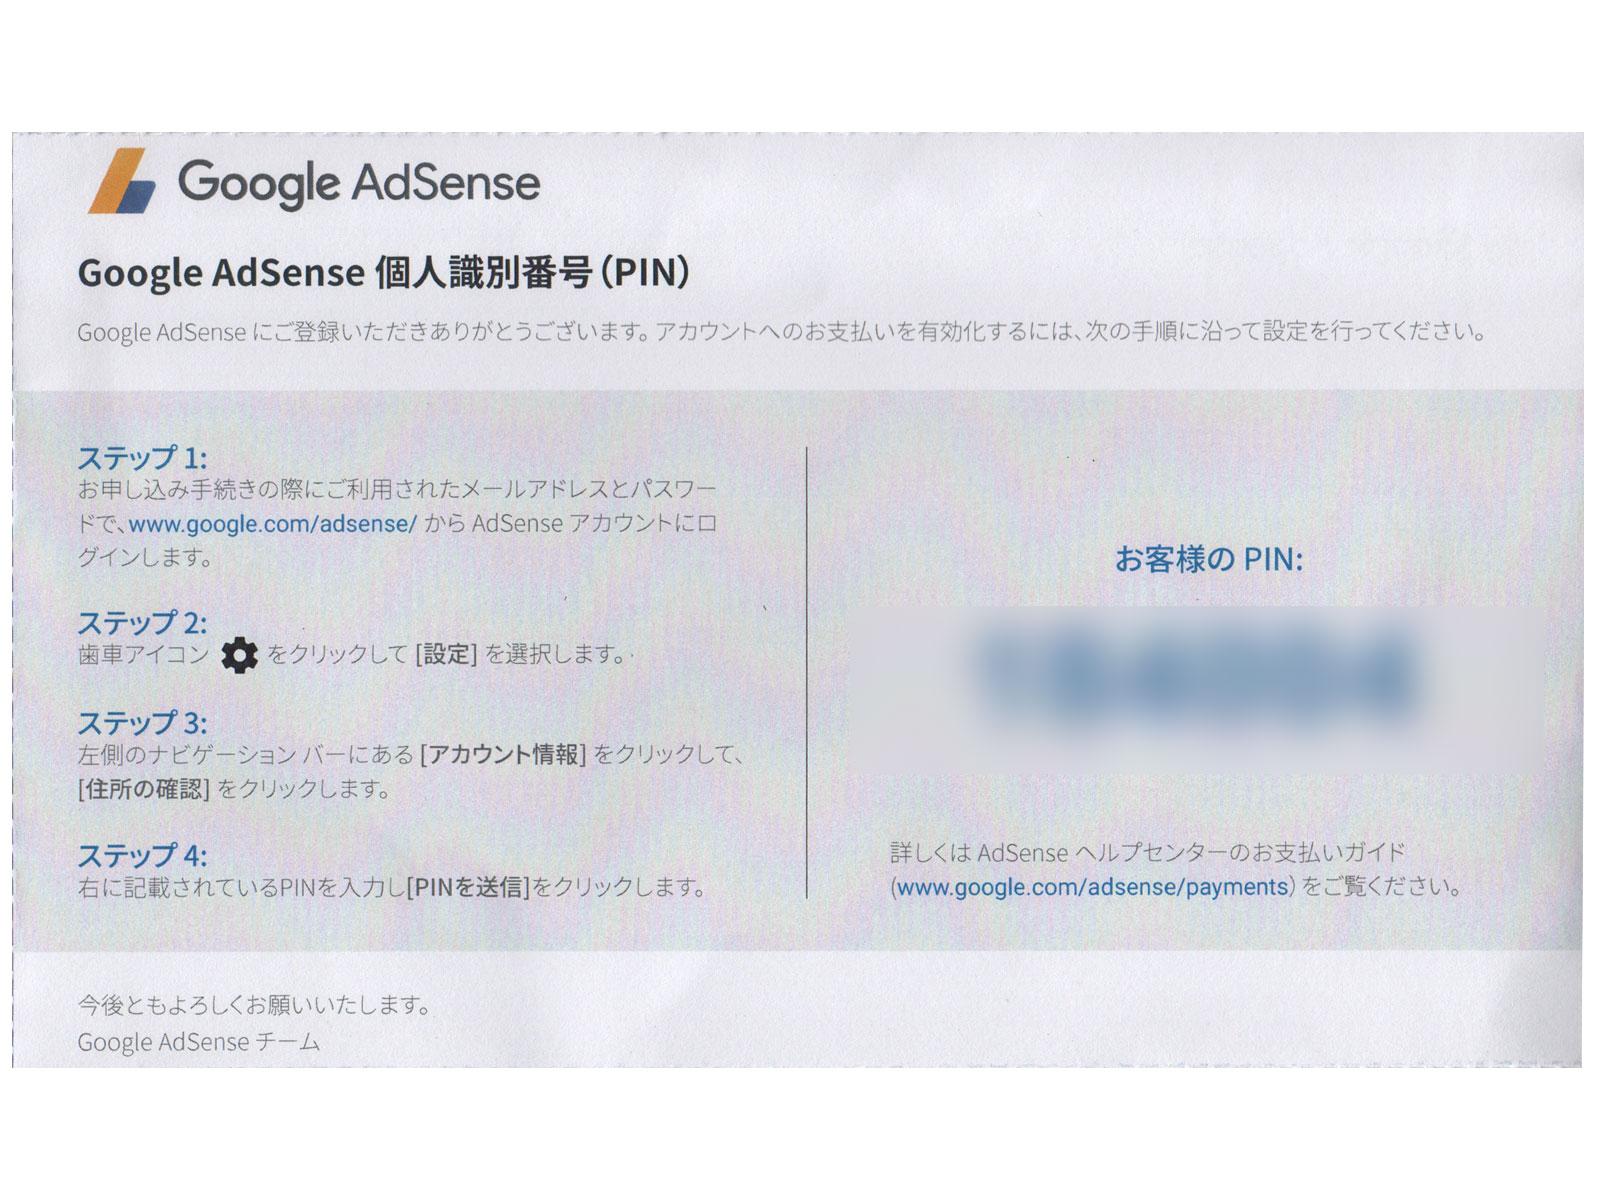 グーグルアドセンスのPIN番号郵便